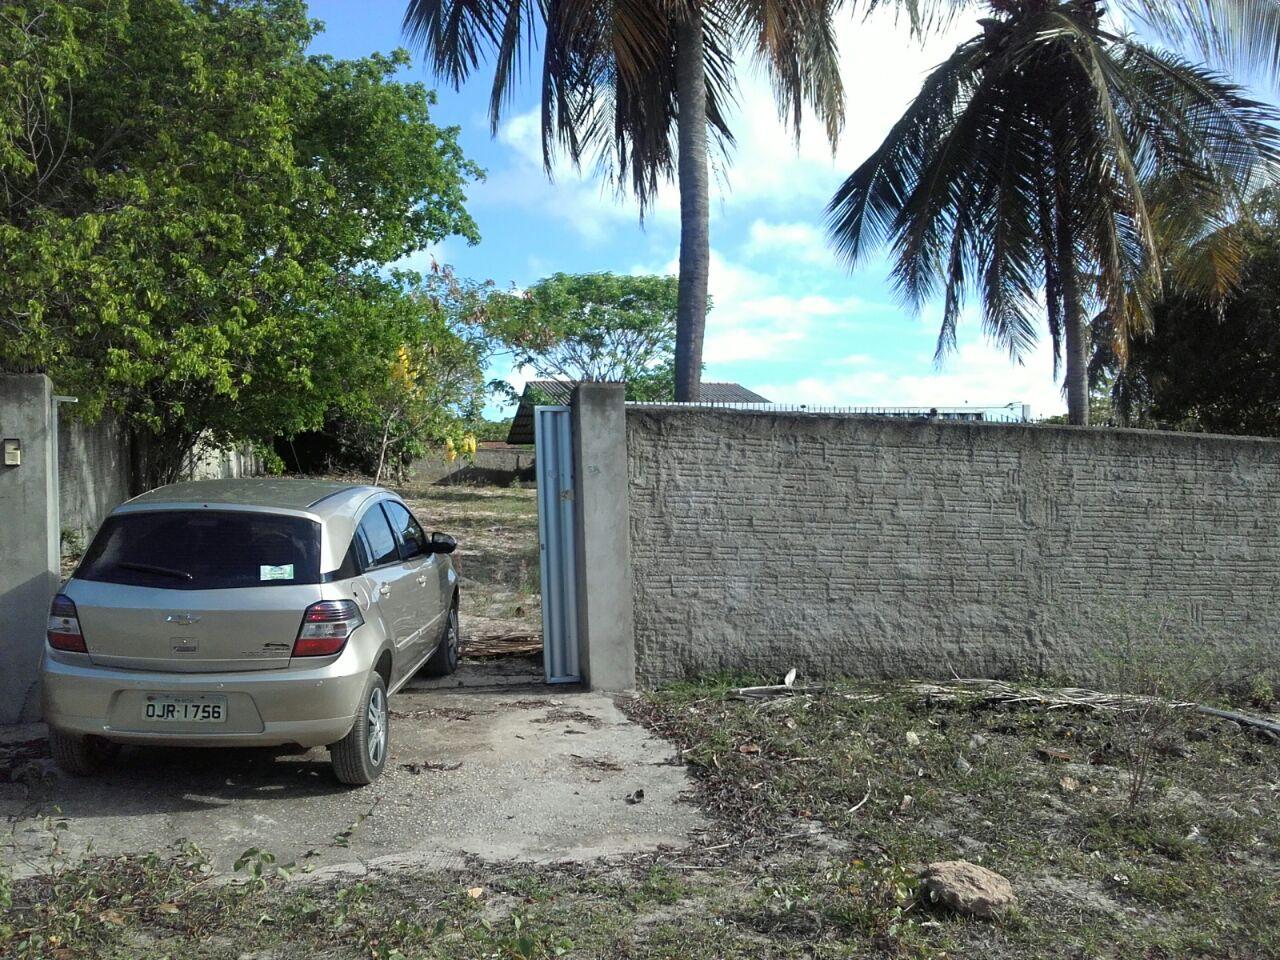 Image Sale house colonia de pium , Rio Grande do Norte Brasil 2